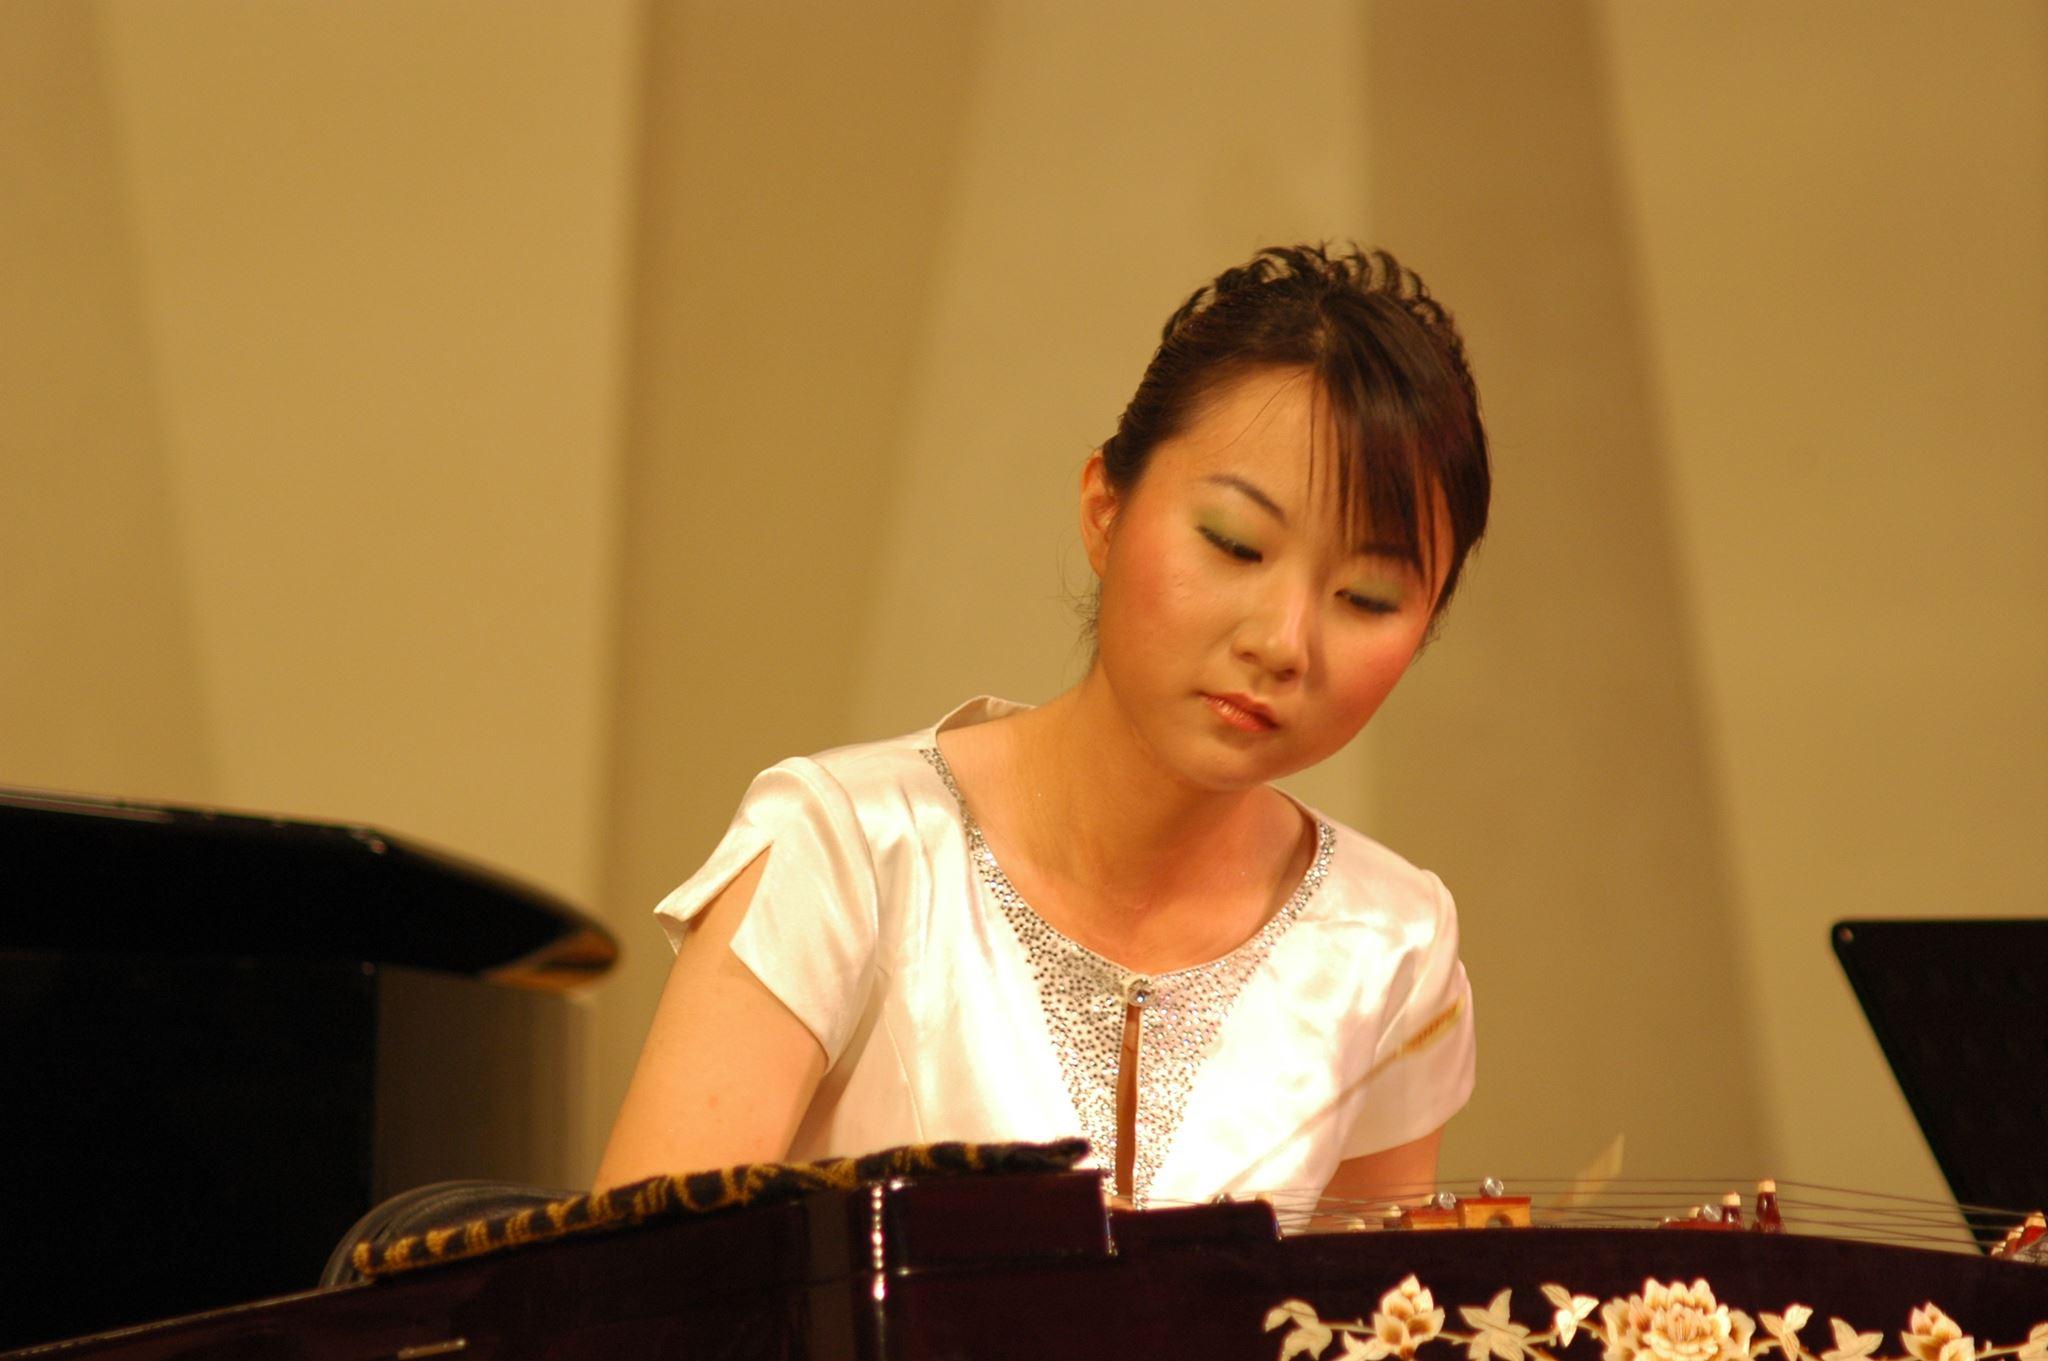 Yangqin (jangčinas) virtuozė Song Bing